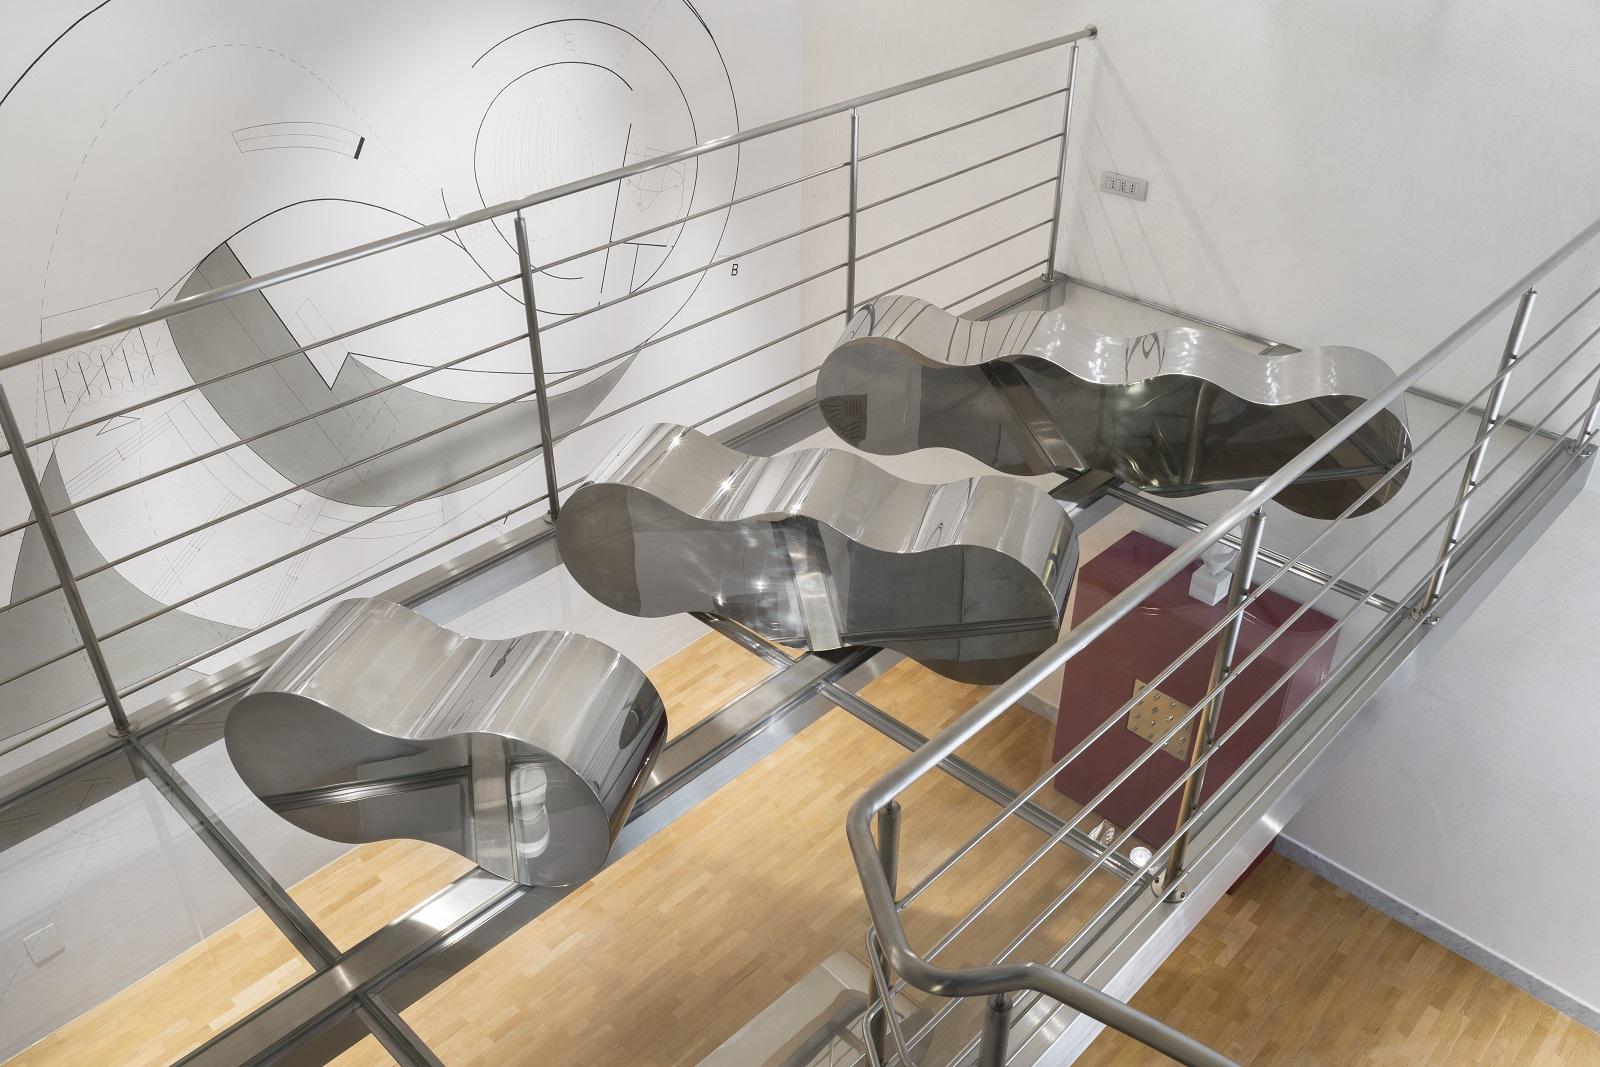 design acciaio su soppalco di vetro galleria camaetia arte